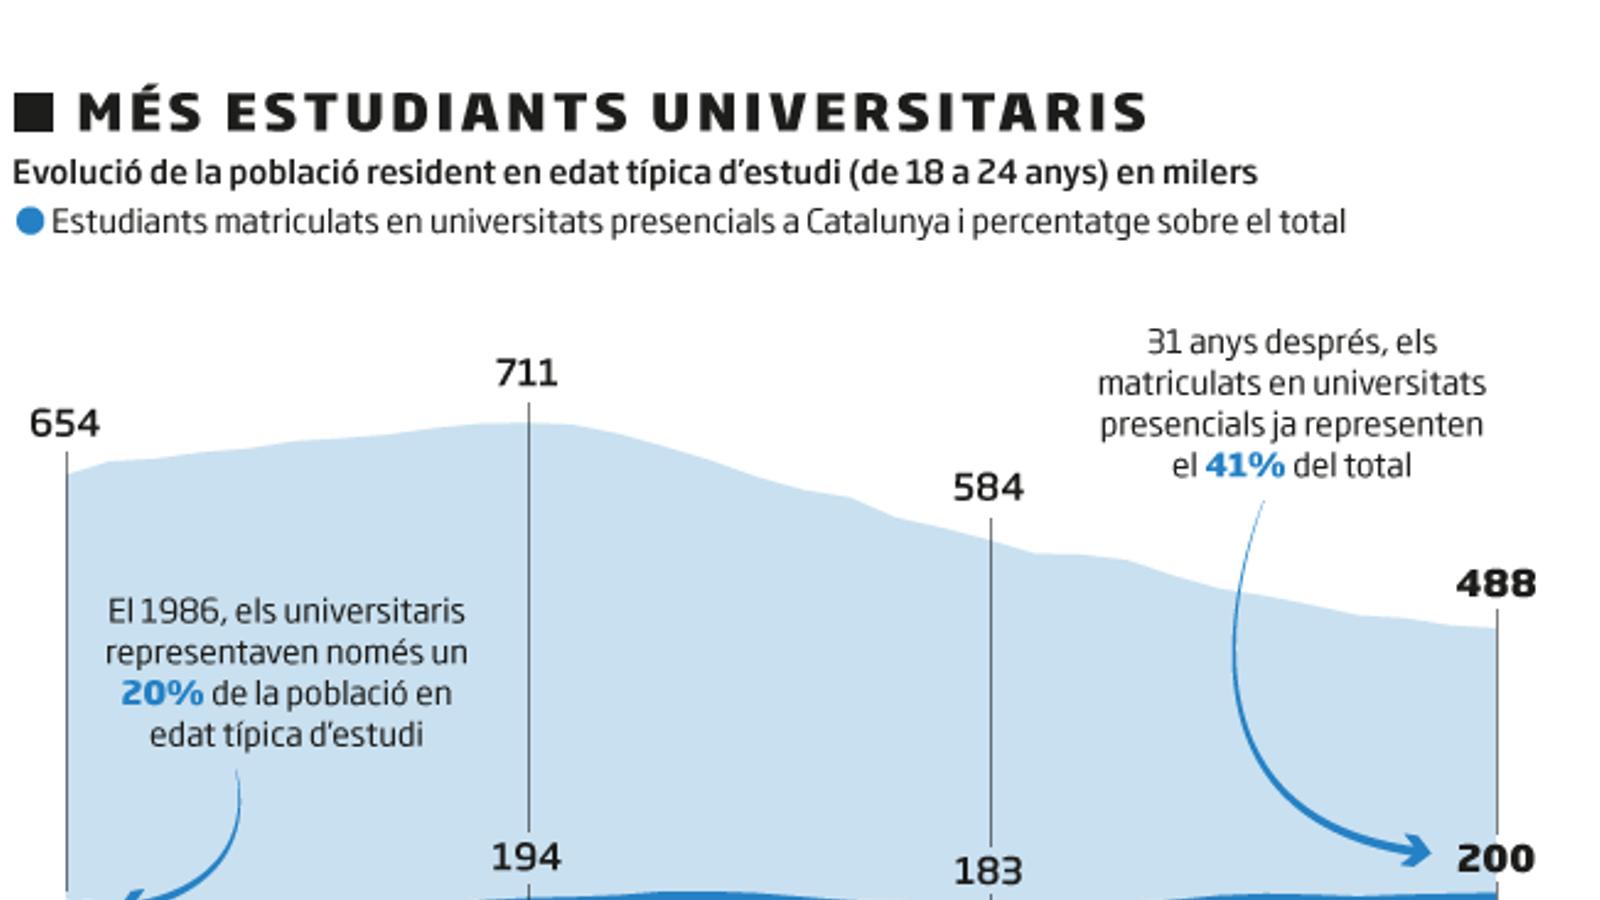 L'estat de les universitats catalanes, en xifres